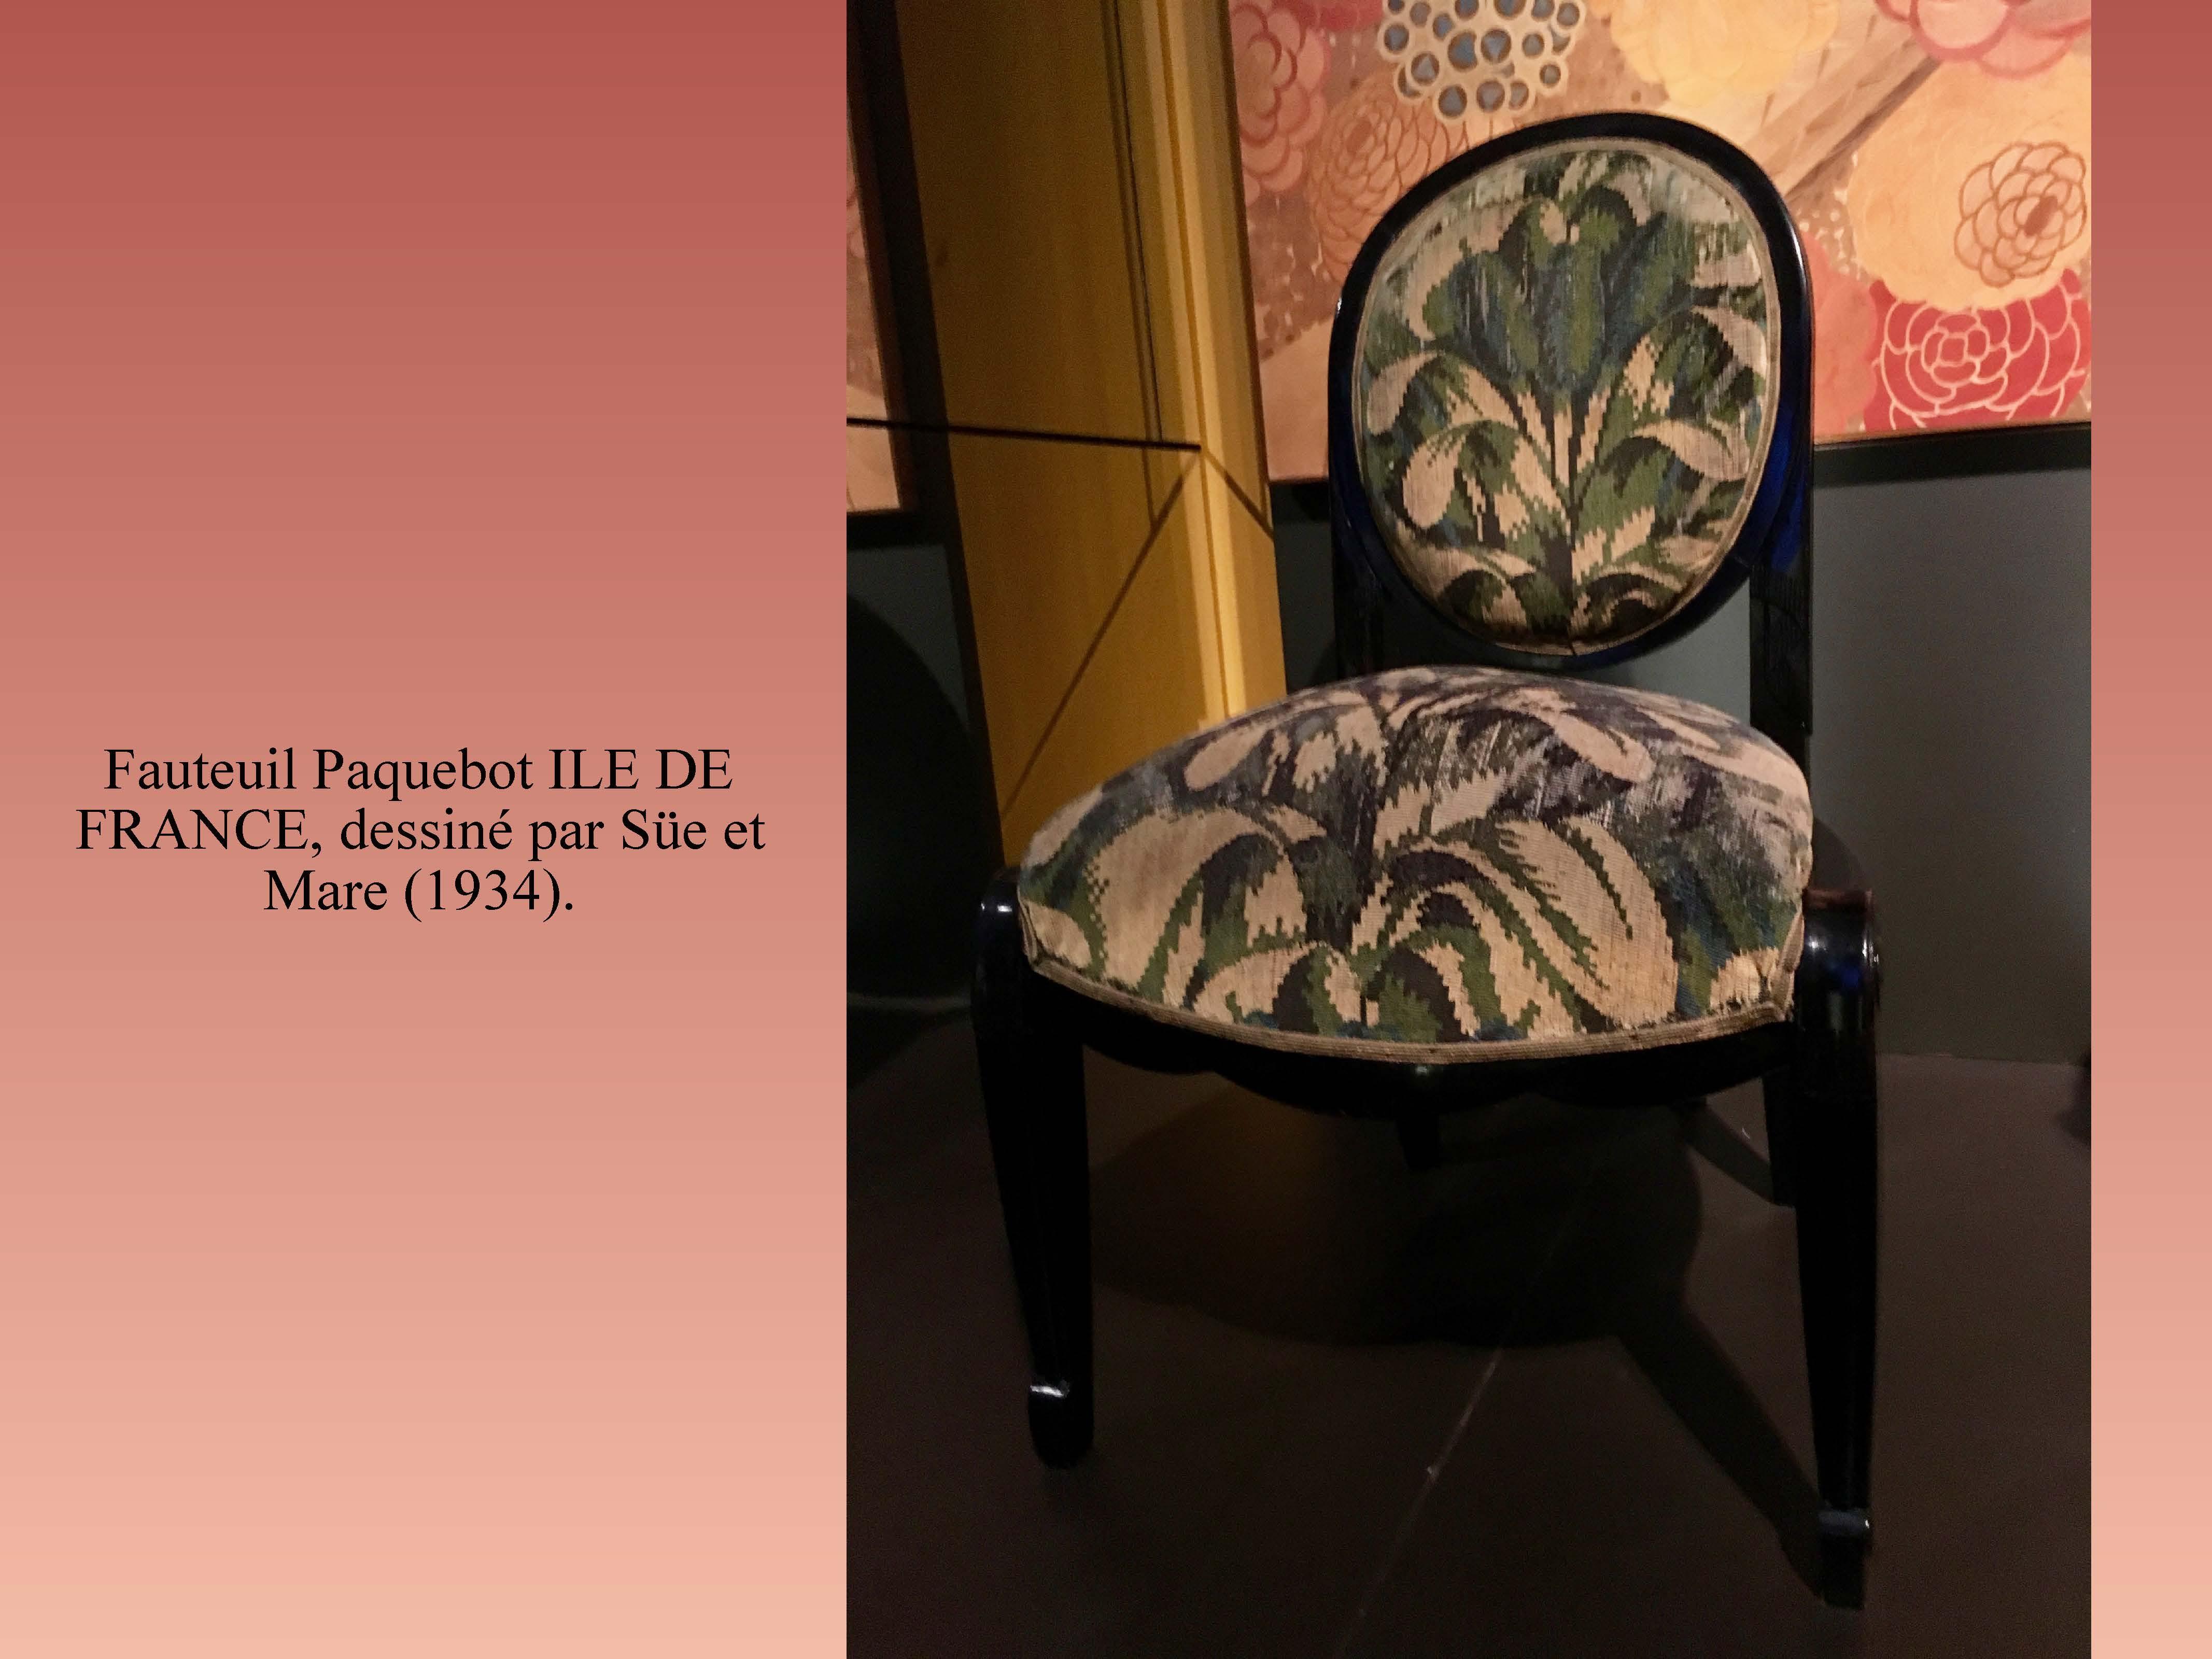 PAQUEBOT DU PASSÉ EXPOSITION AU VICTORIAN ET ALBERT MUSEUM_Page_13